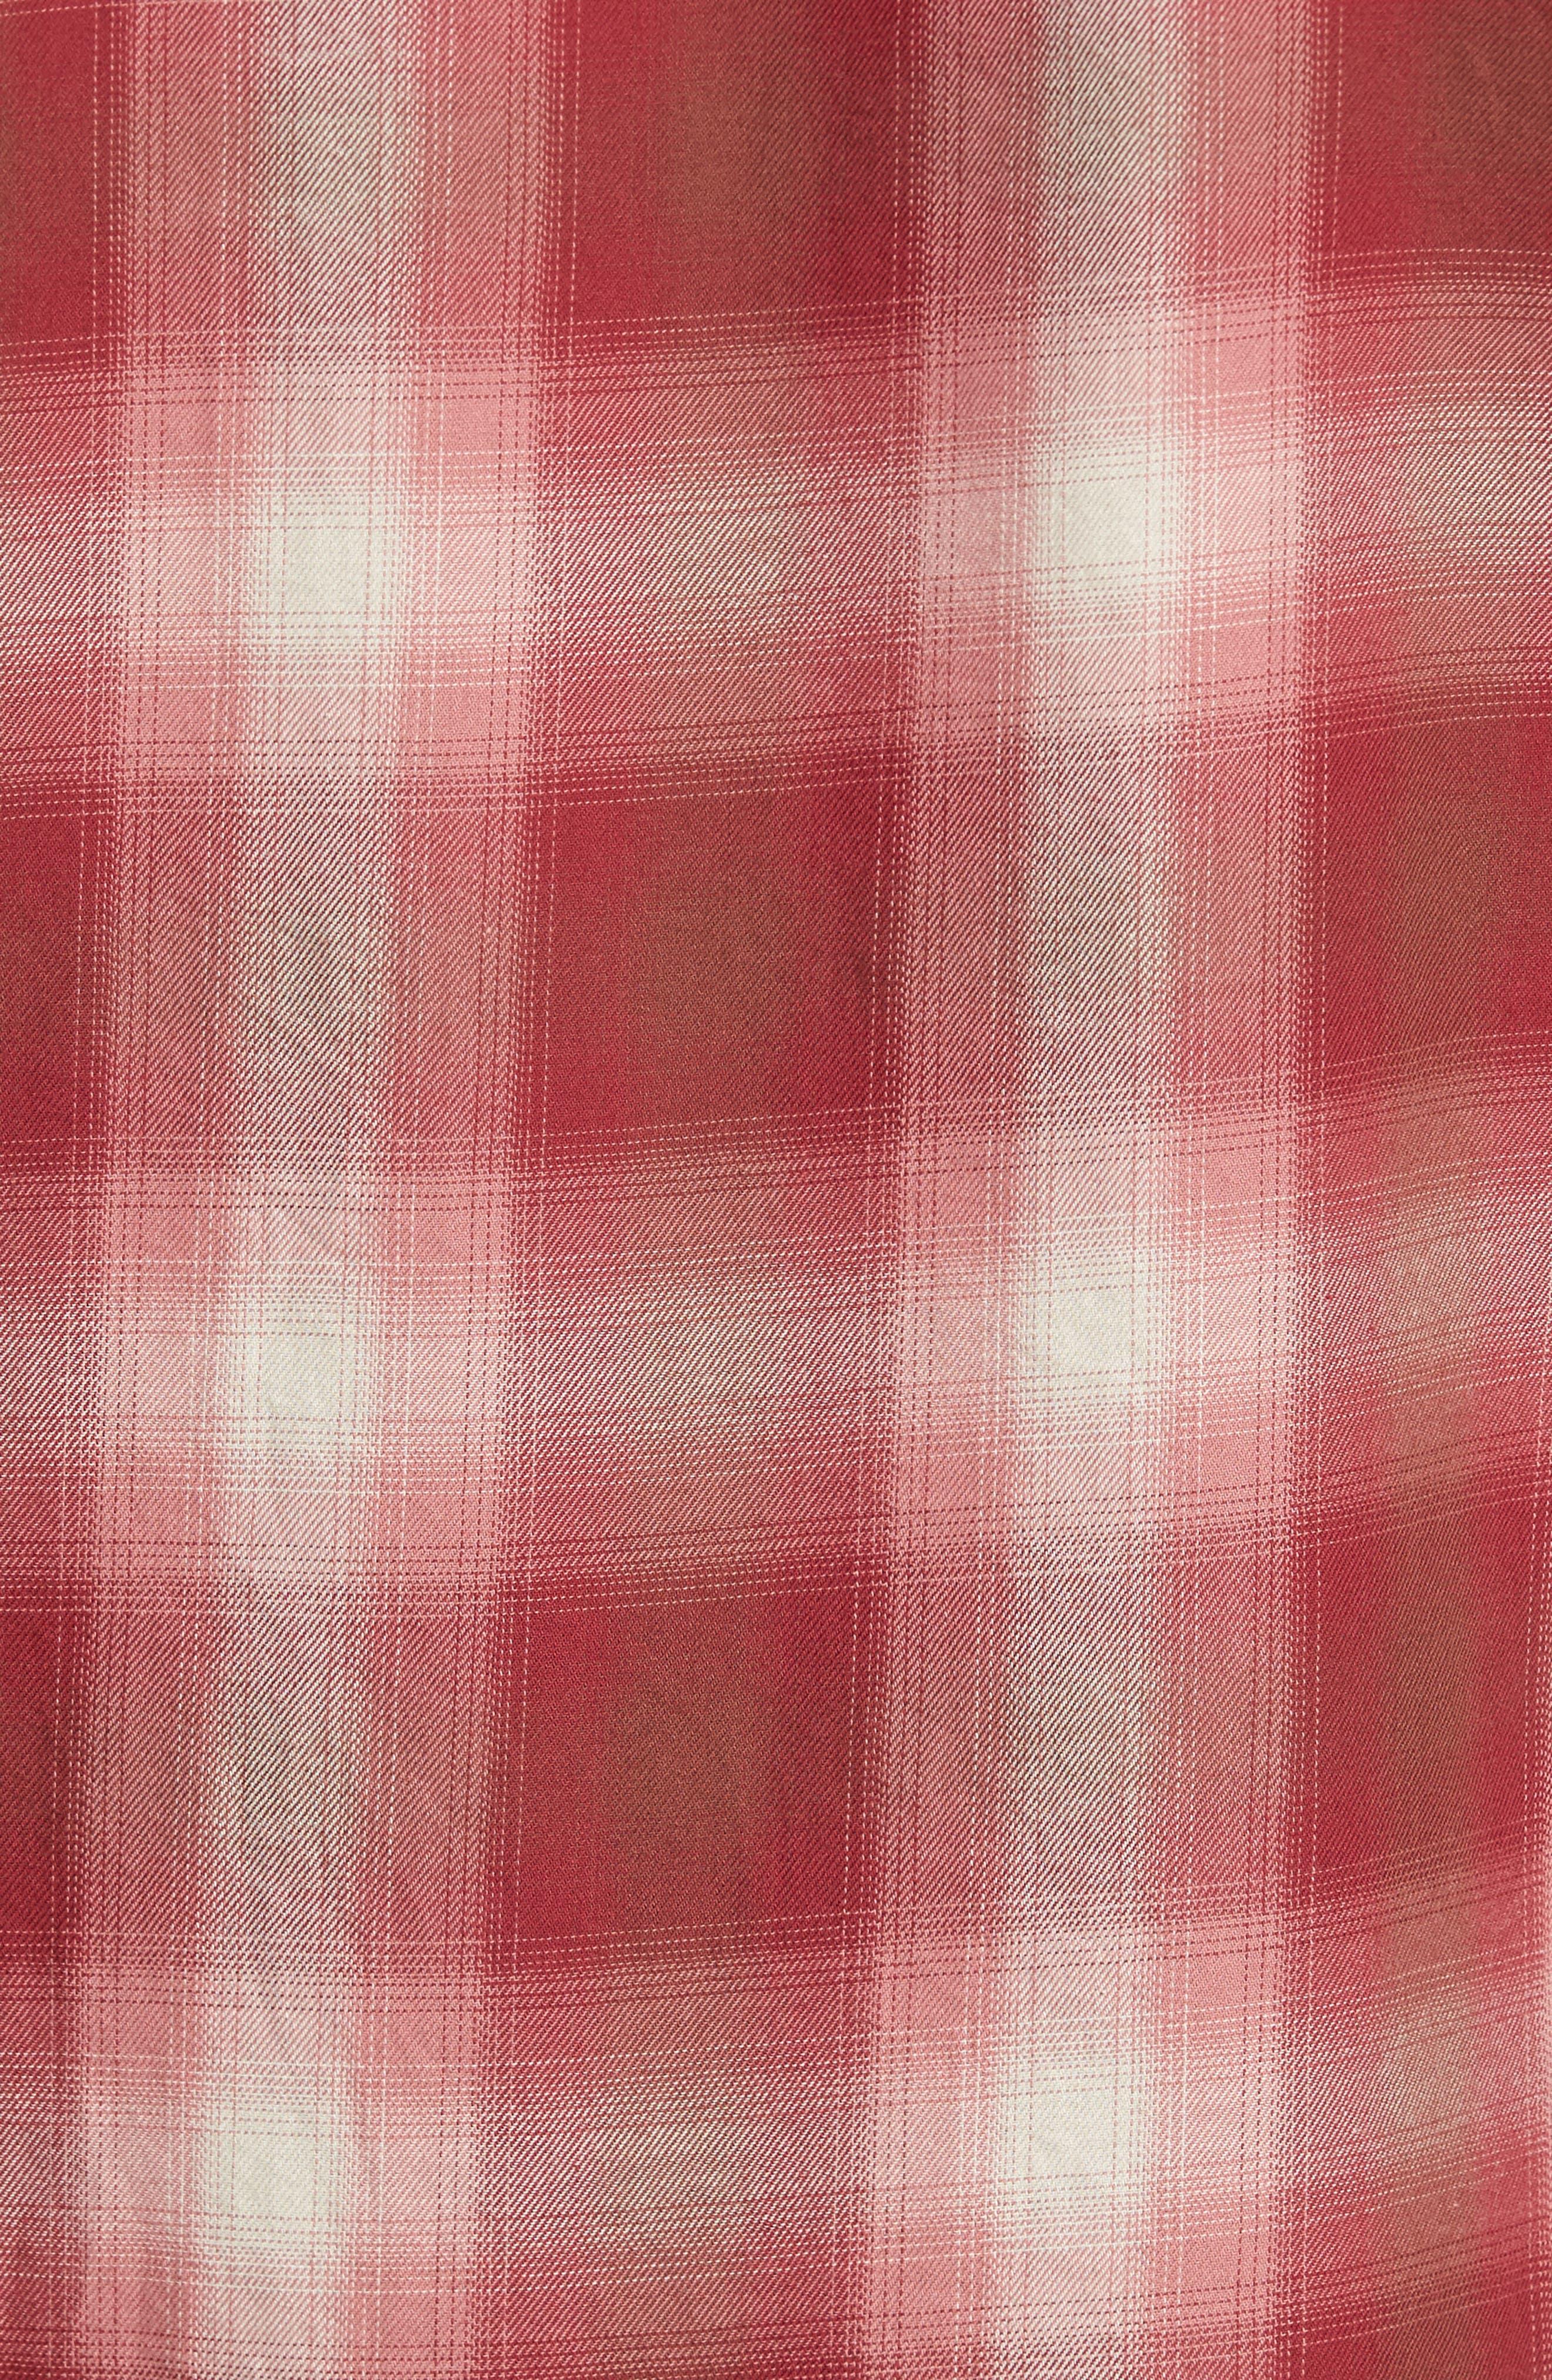 90s Plaid Flannel Shirt,                             Alternate thumbnail 5, color,                             643